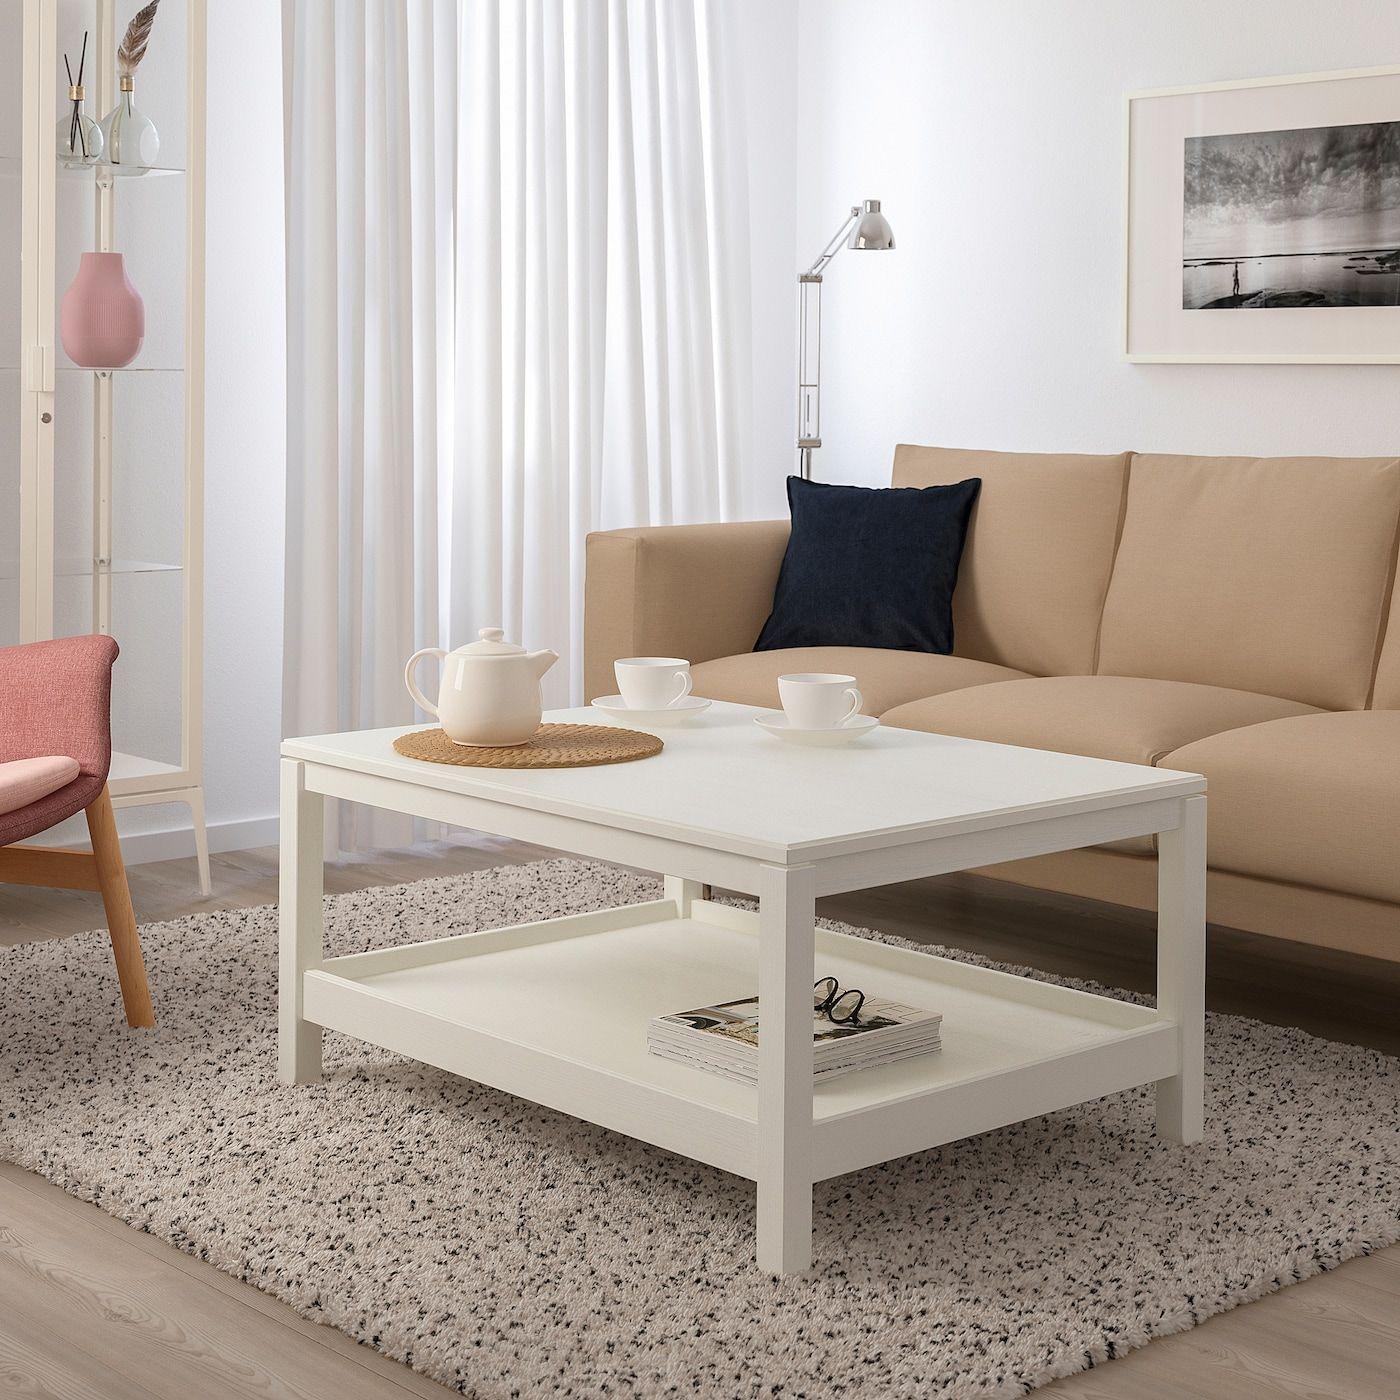 Ikea Wohnzimmertisch Weiss Glas